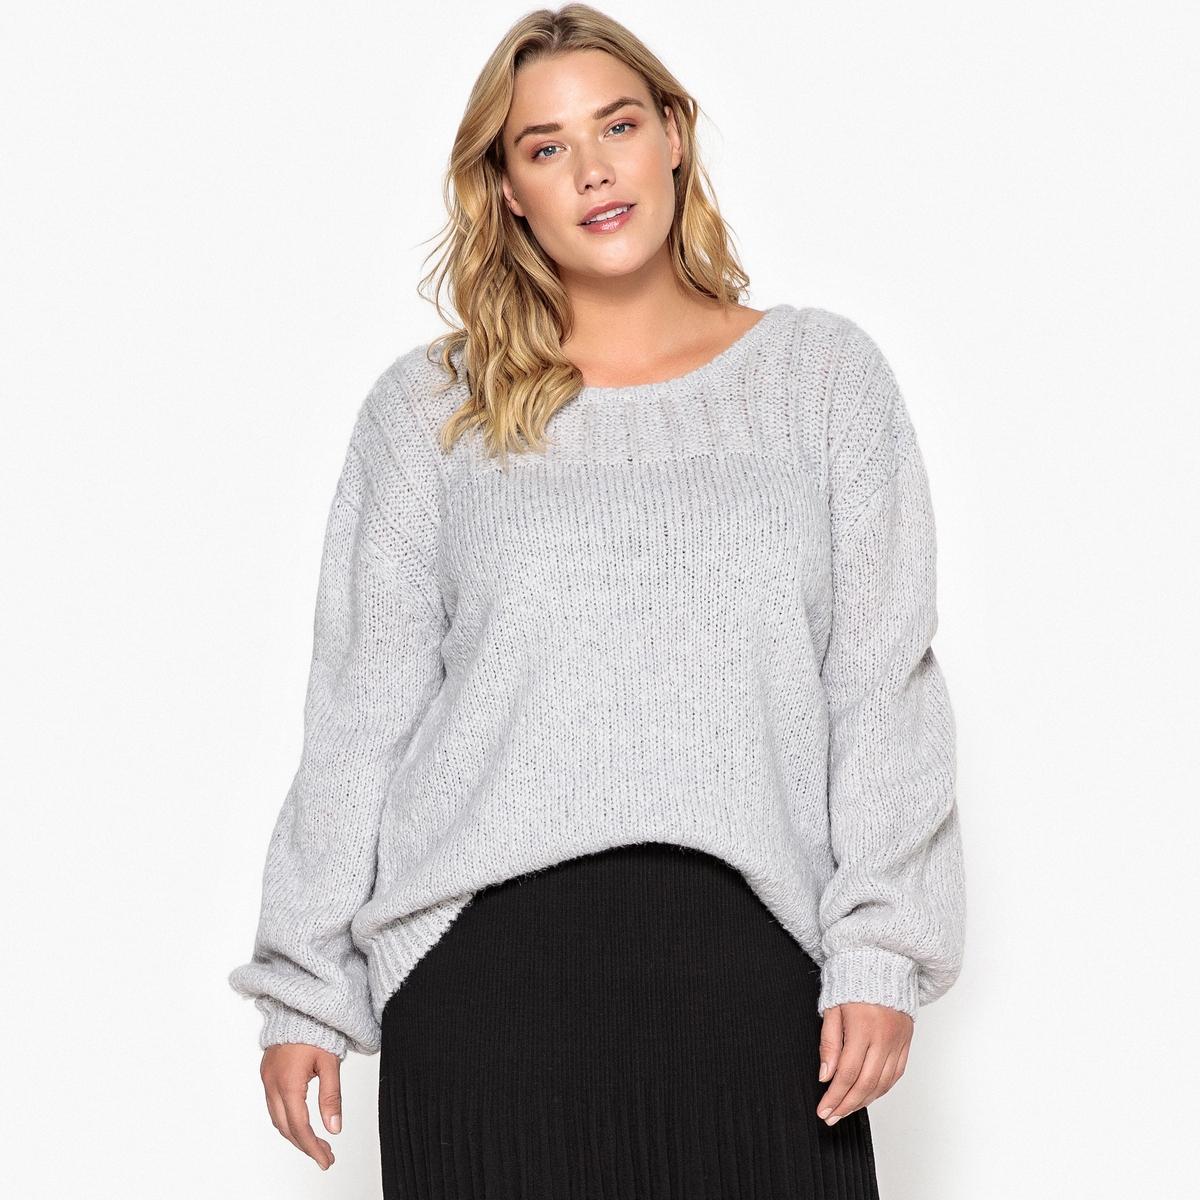 Пуловер La Redoute С круглым вырезом из плотного трикотажа 50/52 (FR) - 56/58 (RUS) серый пуловер la redoute с круглым вырезом из шерсти мериноса pascal 3xl черный